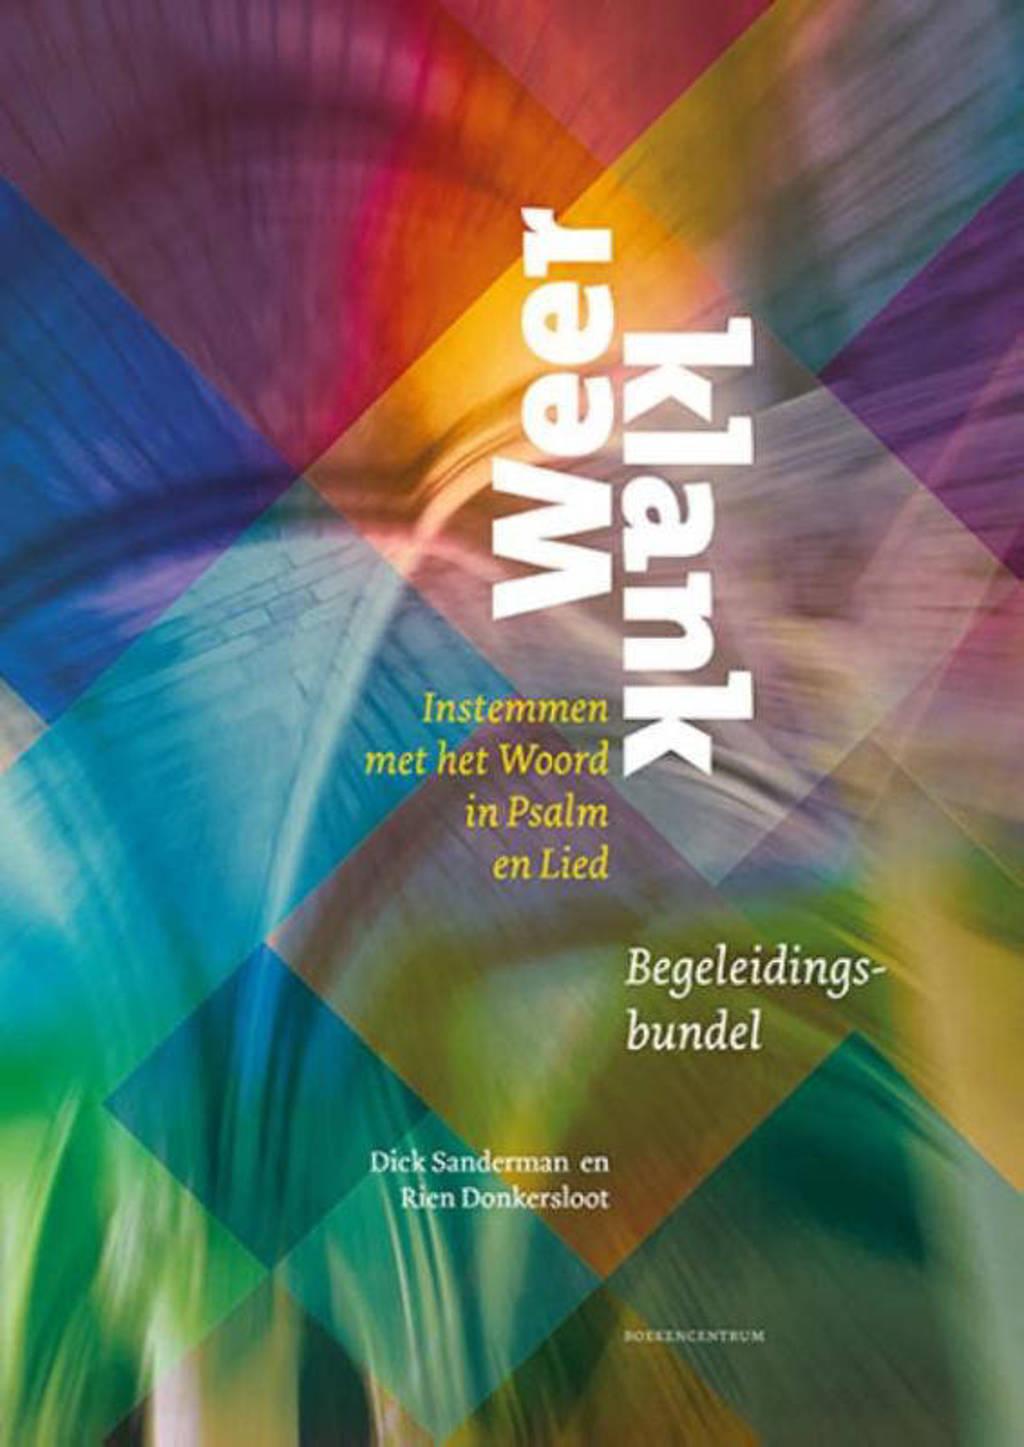 Weerklank orgel (piano) begeleidingsbundel - Dick Sanderman en Rien Donkersloot